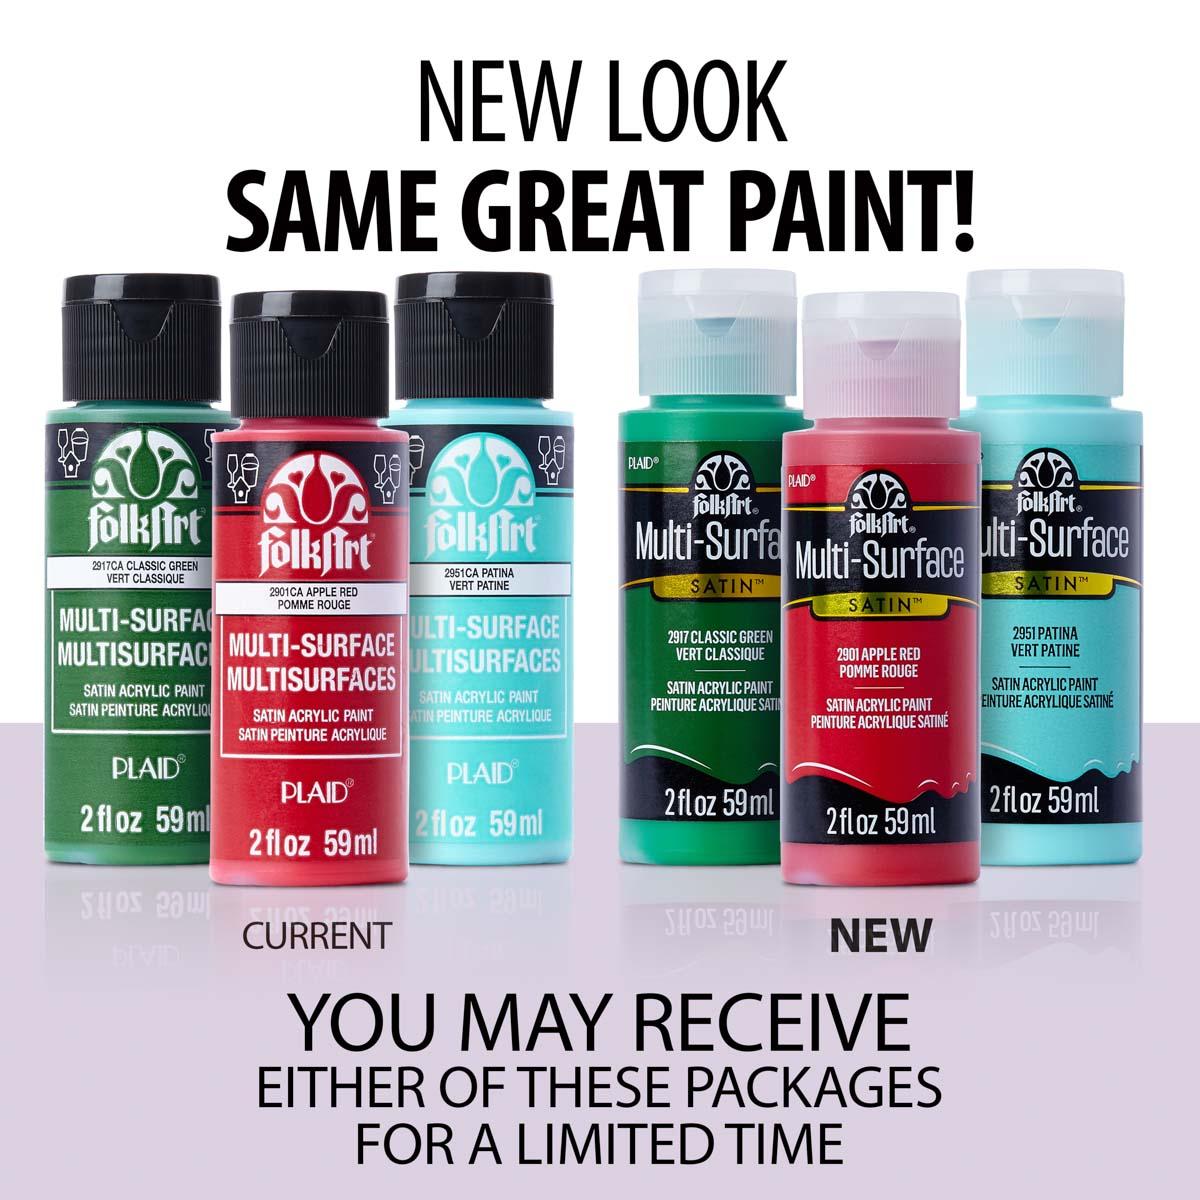 FolkArt ® Multi-Surface Satin Acrylic Paint 12 Color Set - Kit 1 - PROMO830